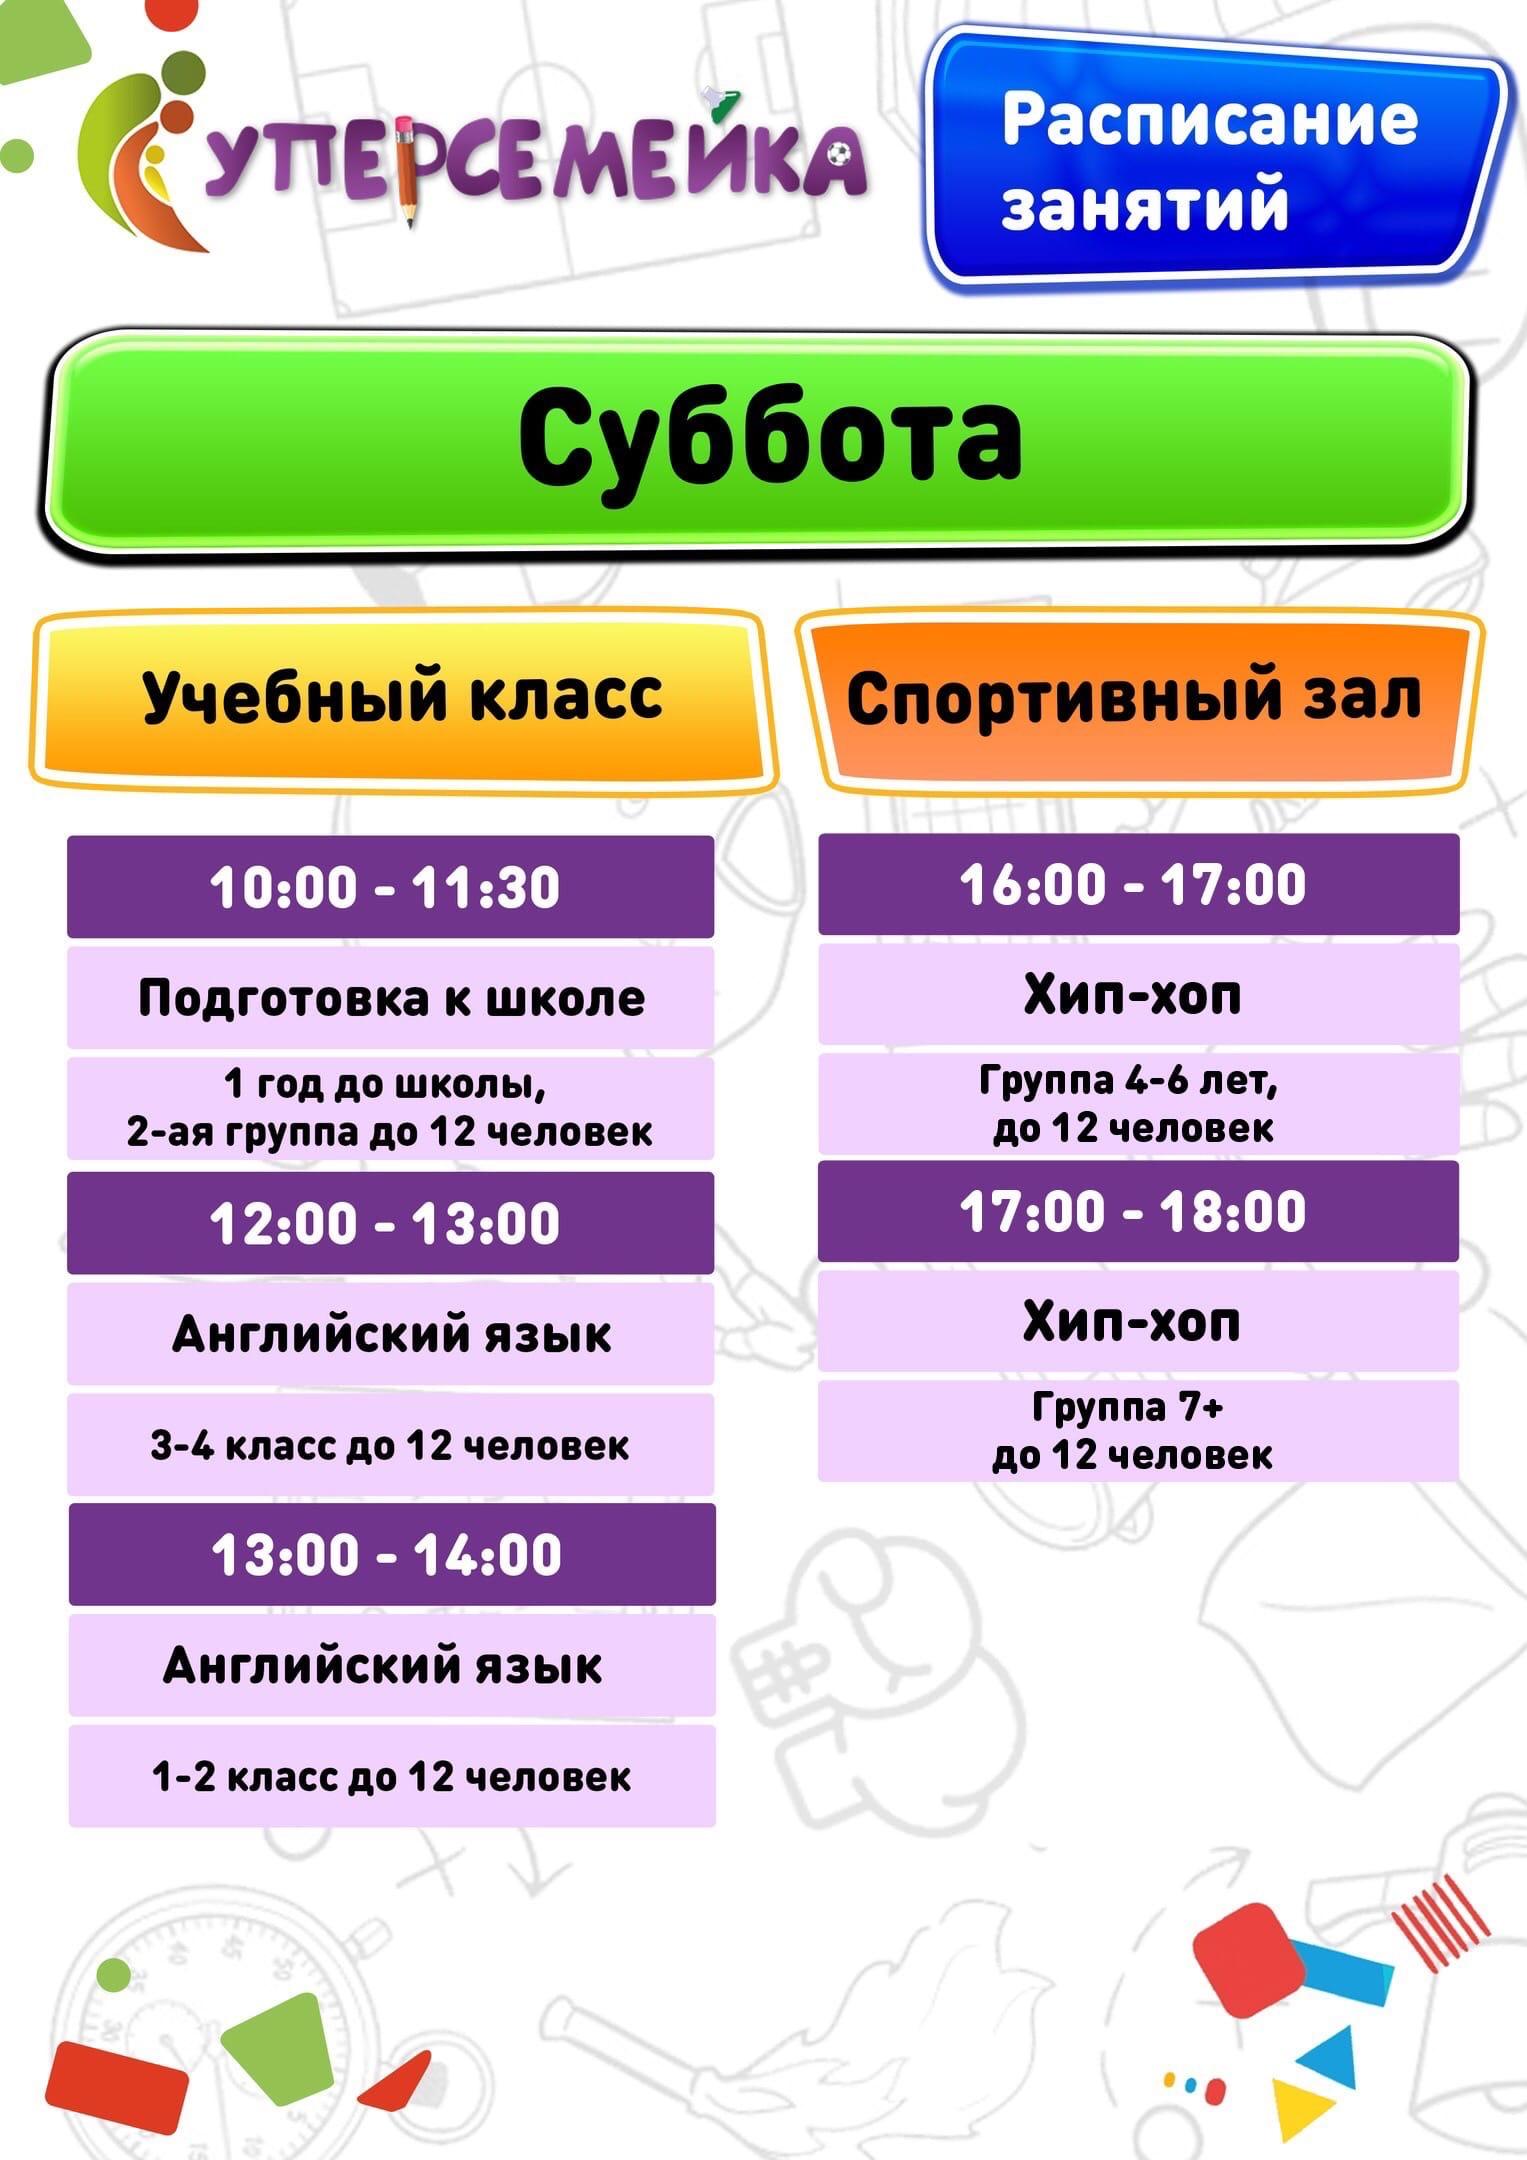 Расписание на Суббота